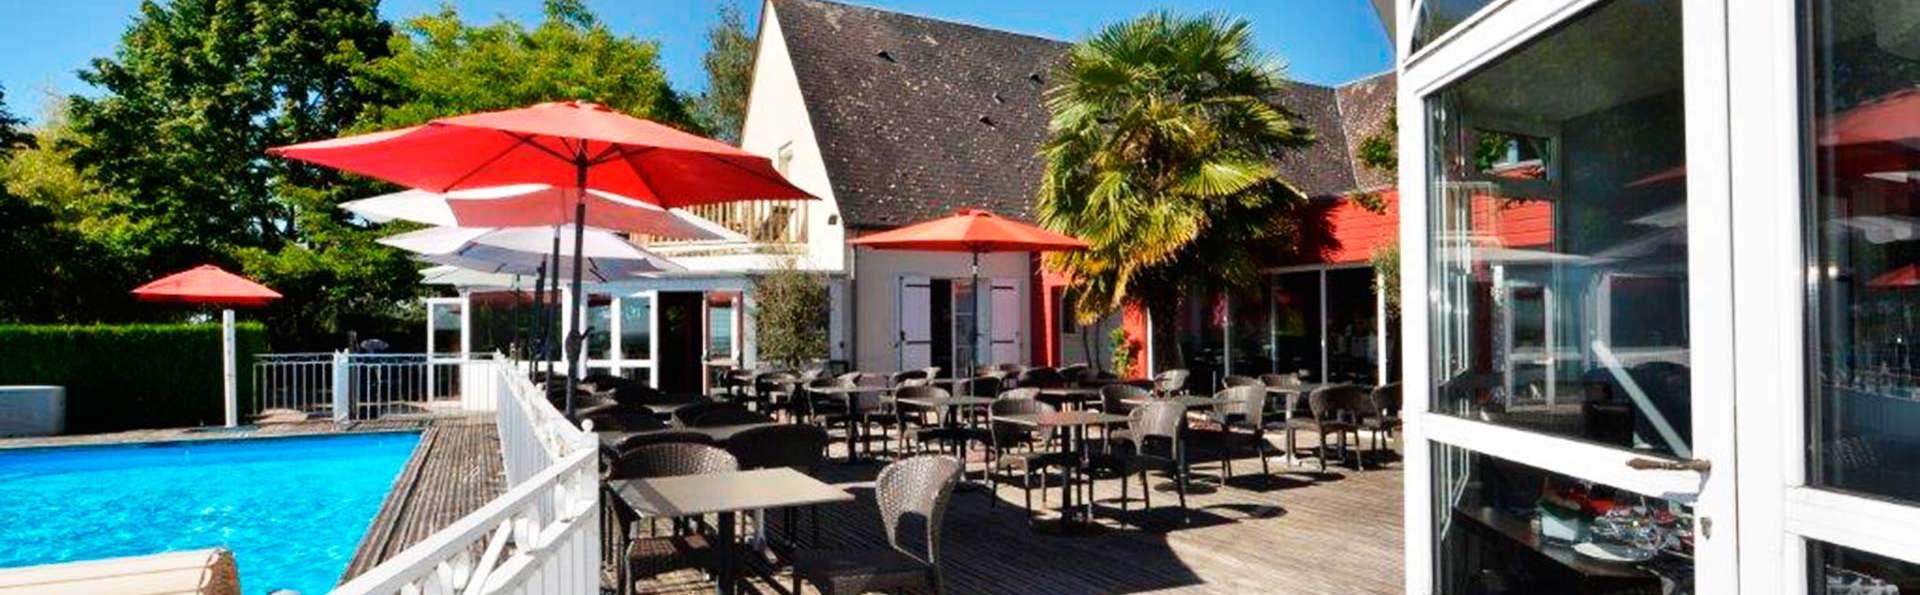 Les Terrasses de Saumur - EDIT_exterior.jpg